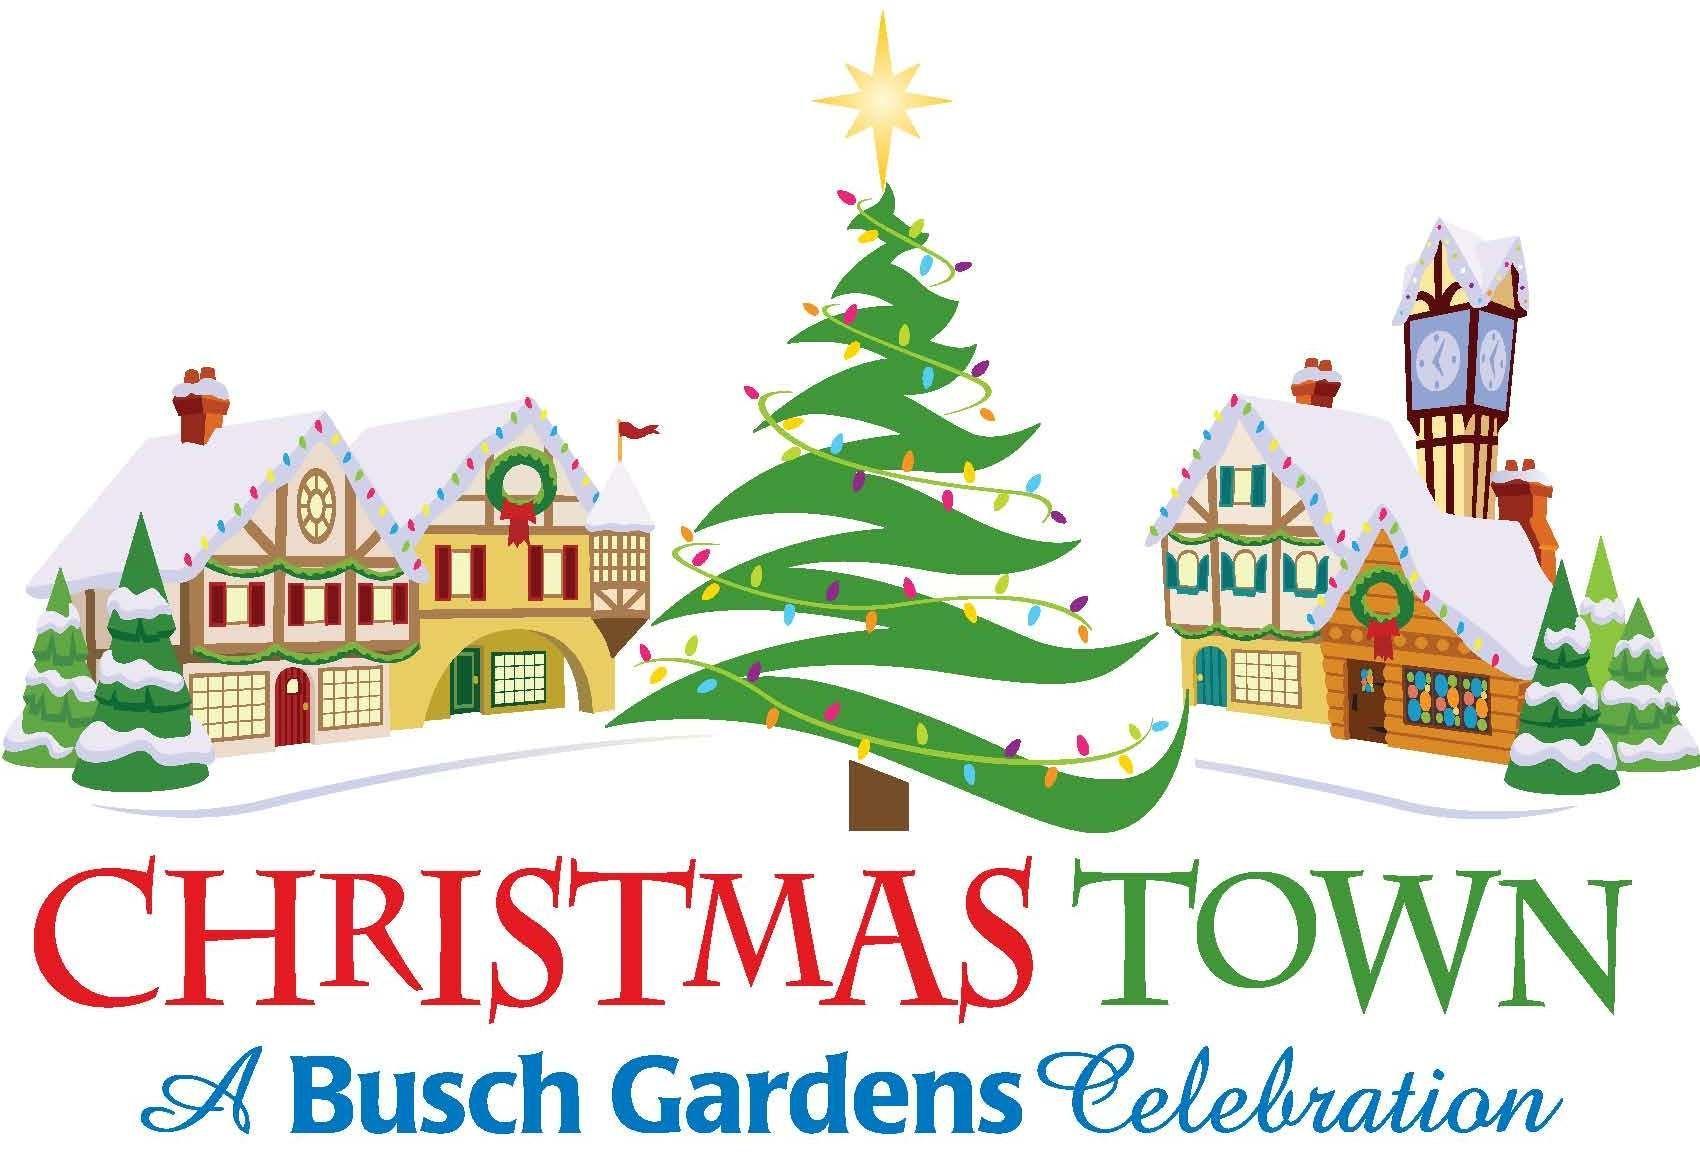 a67886976ae66dafff7bfb72fe69635e - Busch Gardens Christmas Town 2019 Map